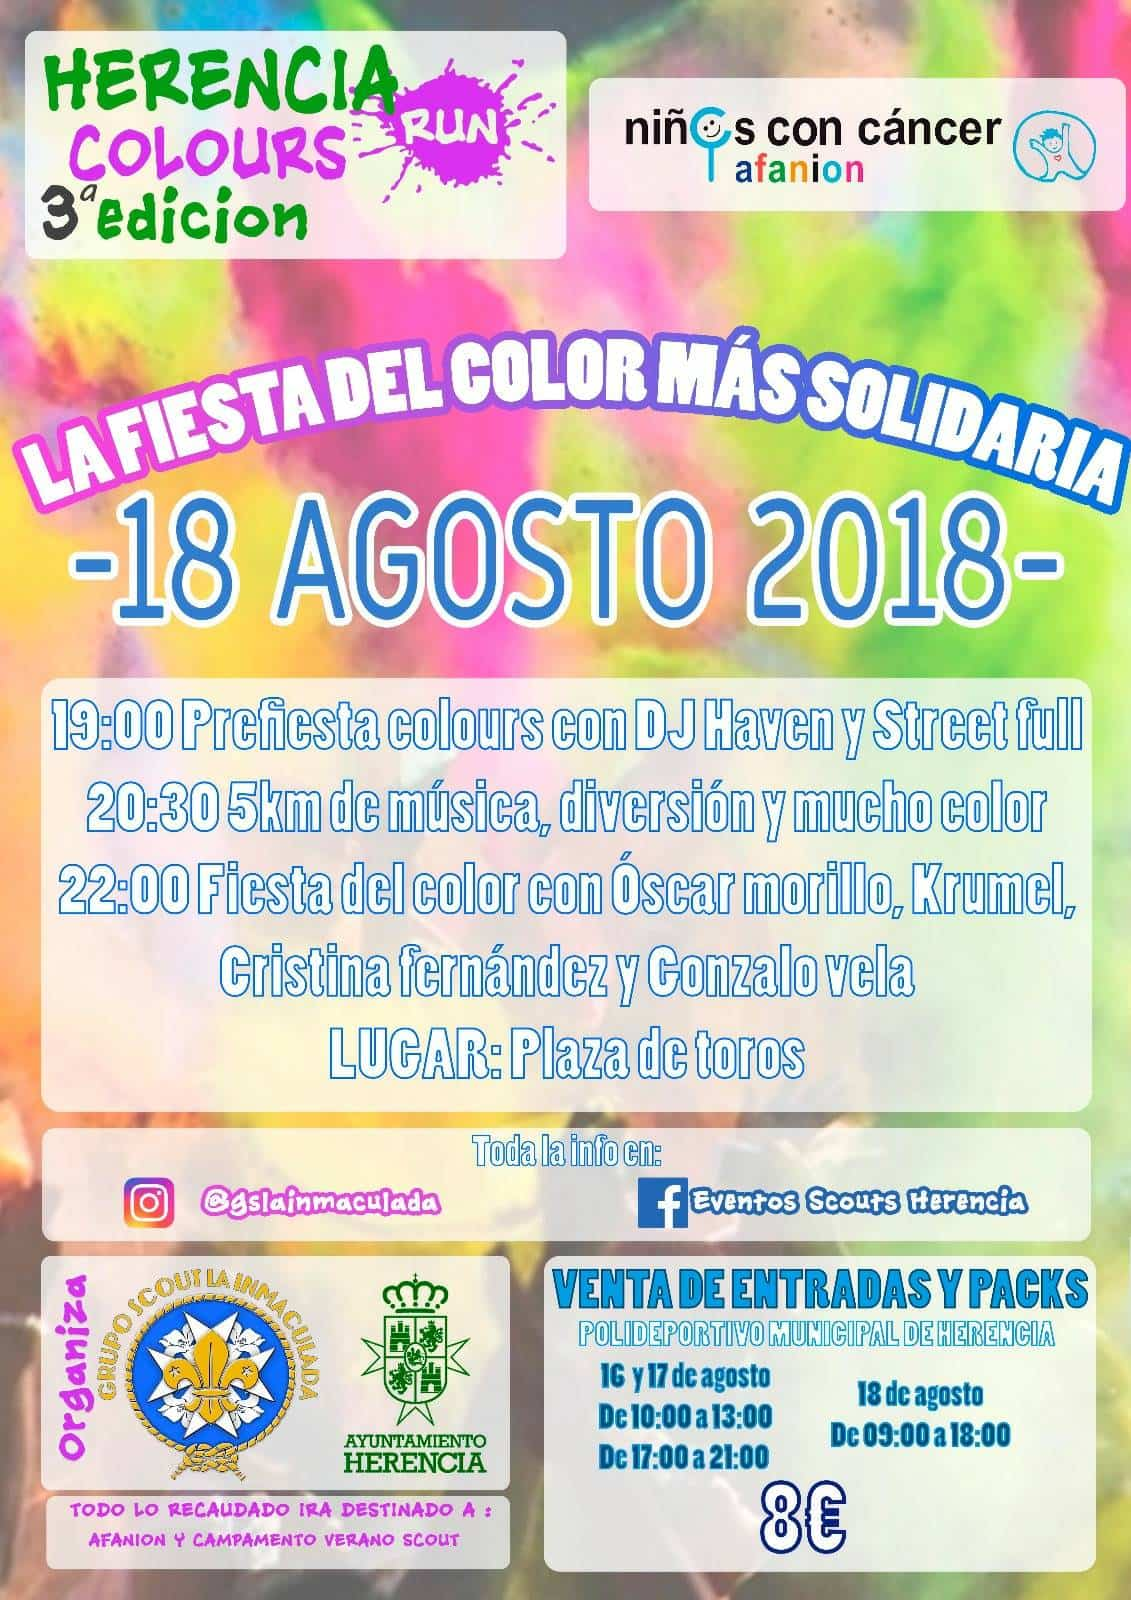 III herencia colours run - III Herencia Colours Run, la fiesta del color más solidaria